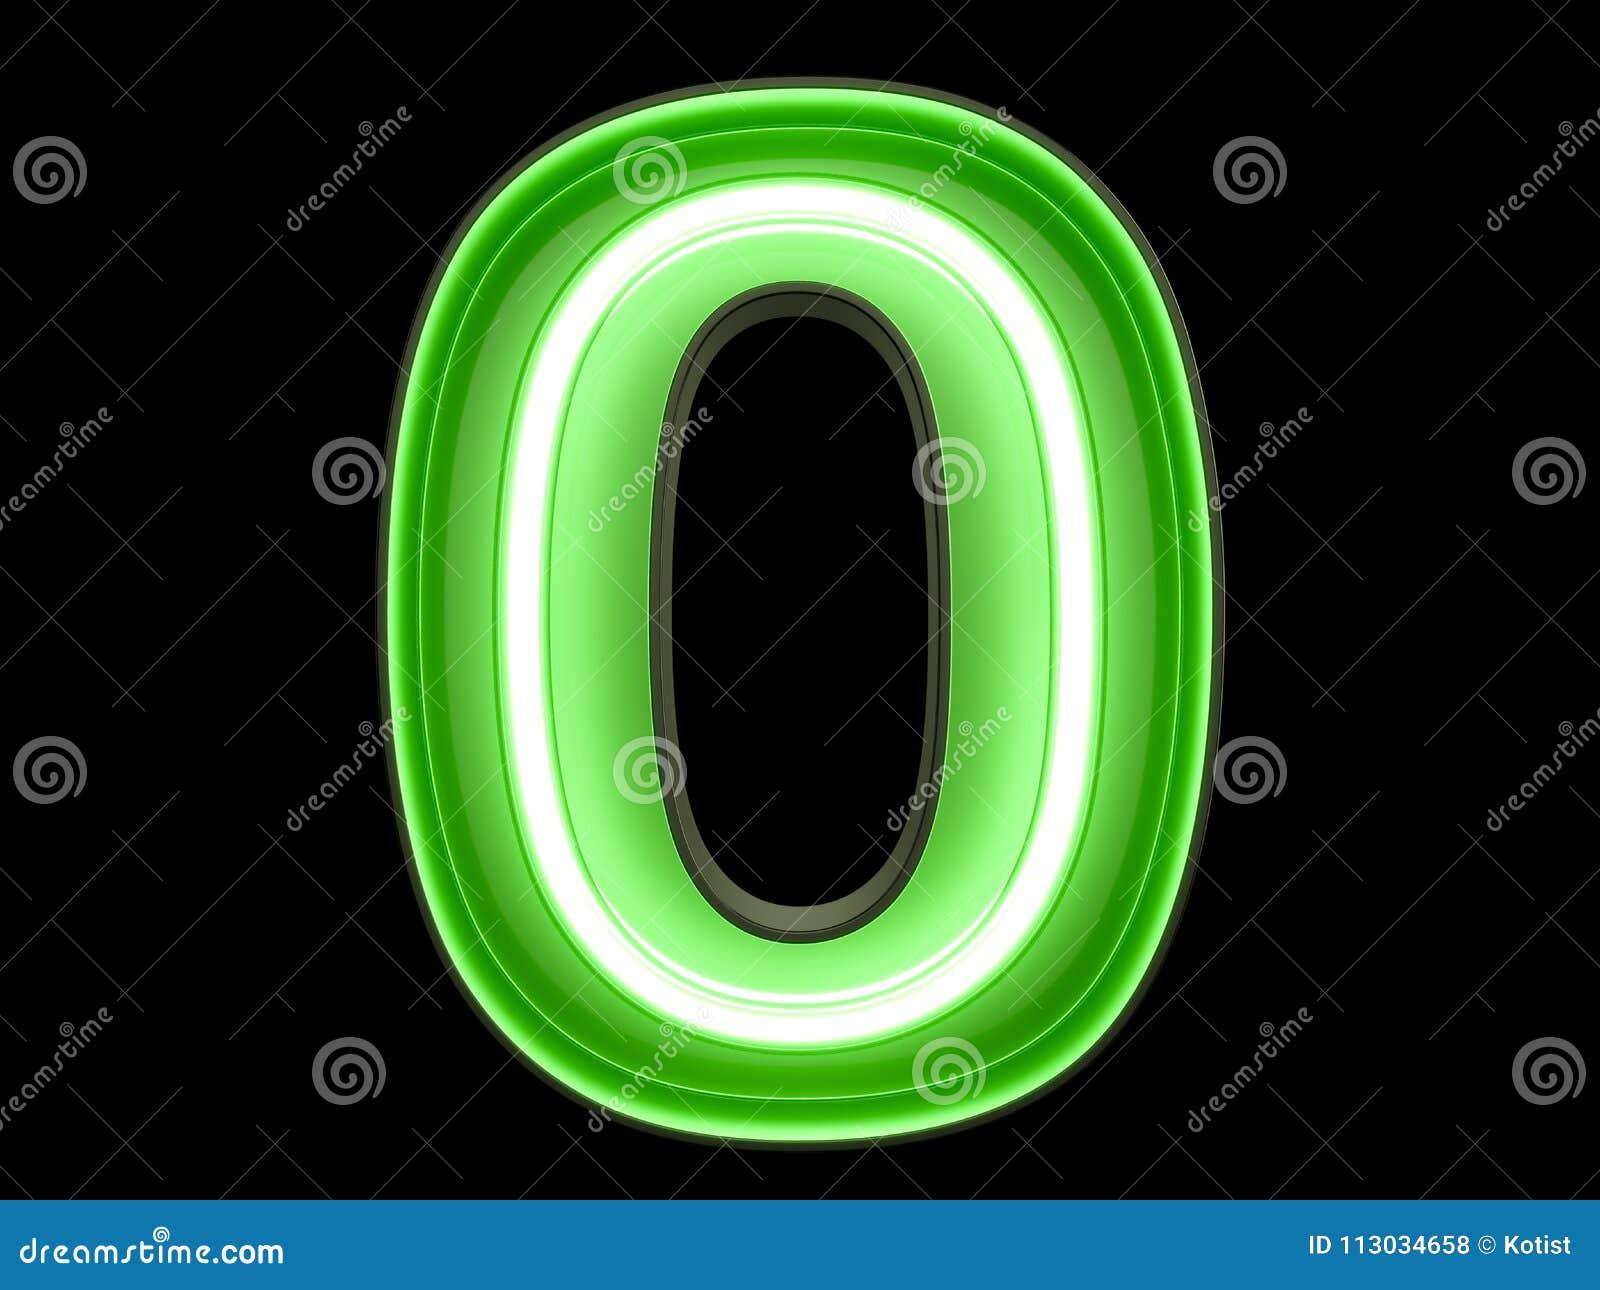 Fuente nula cero del carácter 0 de neón del alfabeto del dígito de la luz verde